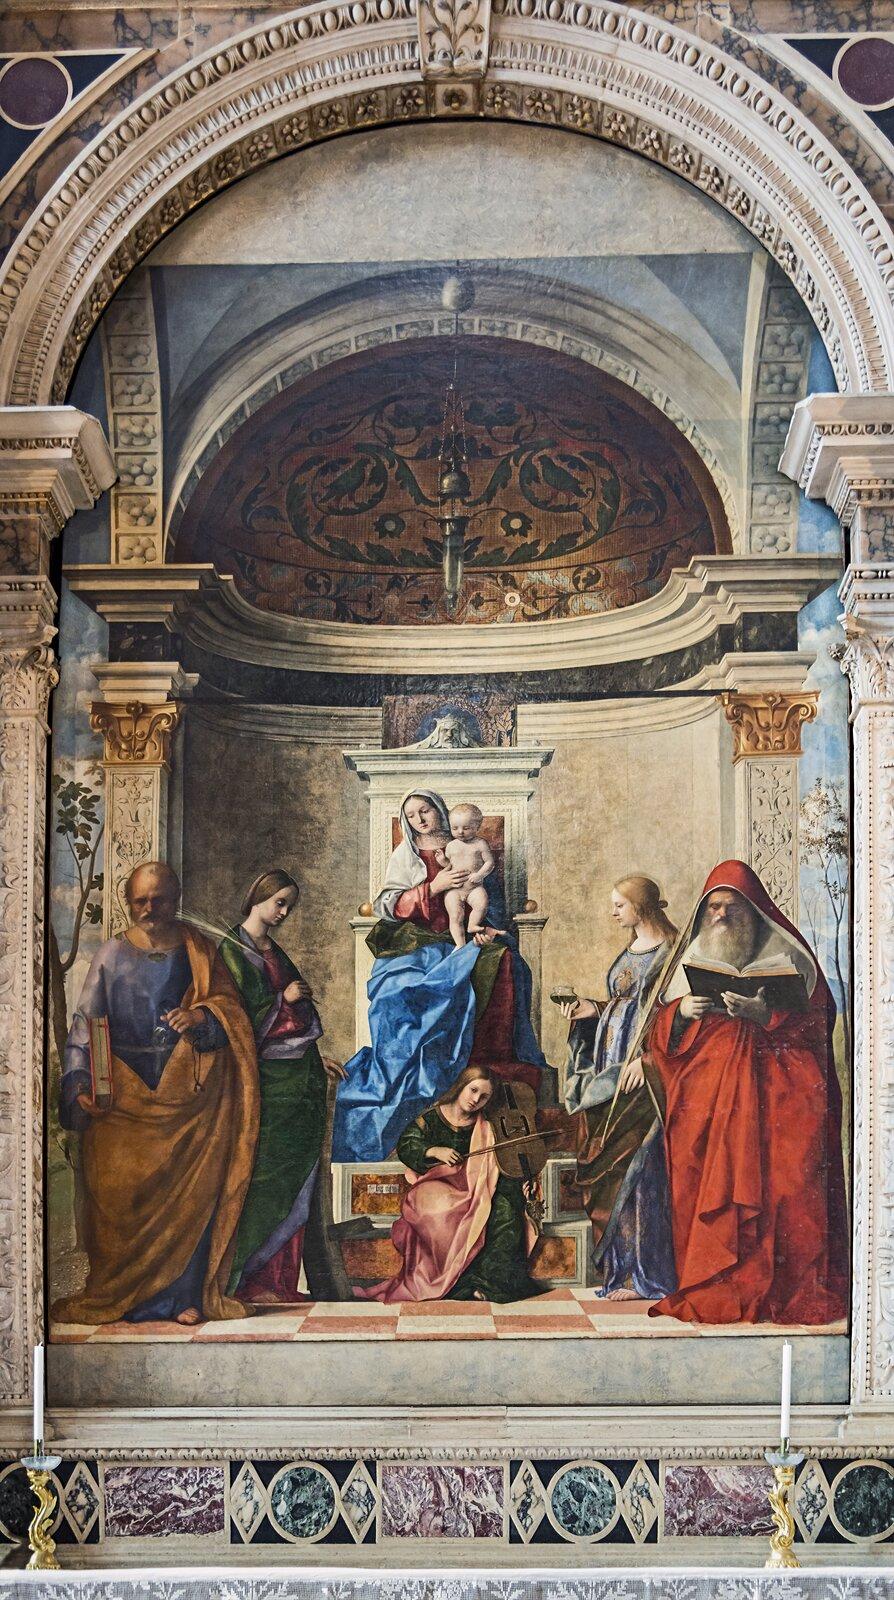 """Ilustracja okształcie pionowego prostokąta przedstawia obraz Giovanniego Belliniego """"Tronująca Maria zDzieciątkiem iświętymi"""". Ukazuje grupę osób we wnętrzu, usytuowanych wniszy. Wcentrum znajduje się Madonna zDzieciątkiem siedząca na tronie wotoczeniu świętych ianioła. Kompozycja jest symetryczna. Wnękę niszy dekorują korynckie pilastry ze złoconymi głowicami, zwieńczone ozdobnym łukiem. Wgłębi niszy znajduje się półkopuła dekorowana malowidłami."""